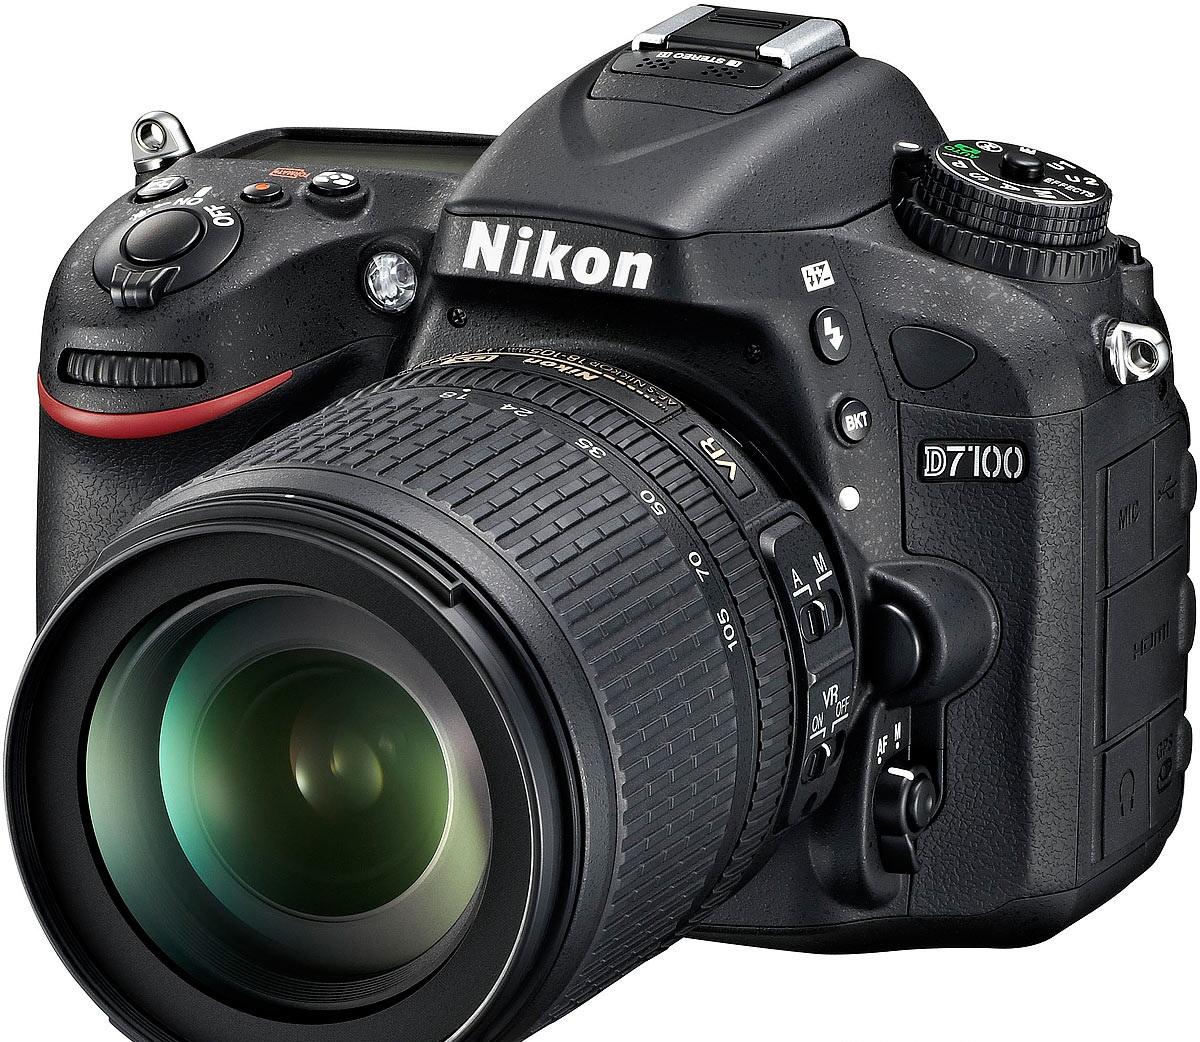 أسعار كاميرات نيكون في مصر 2020